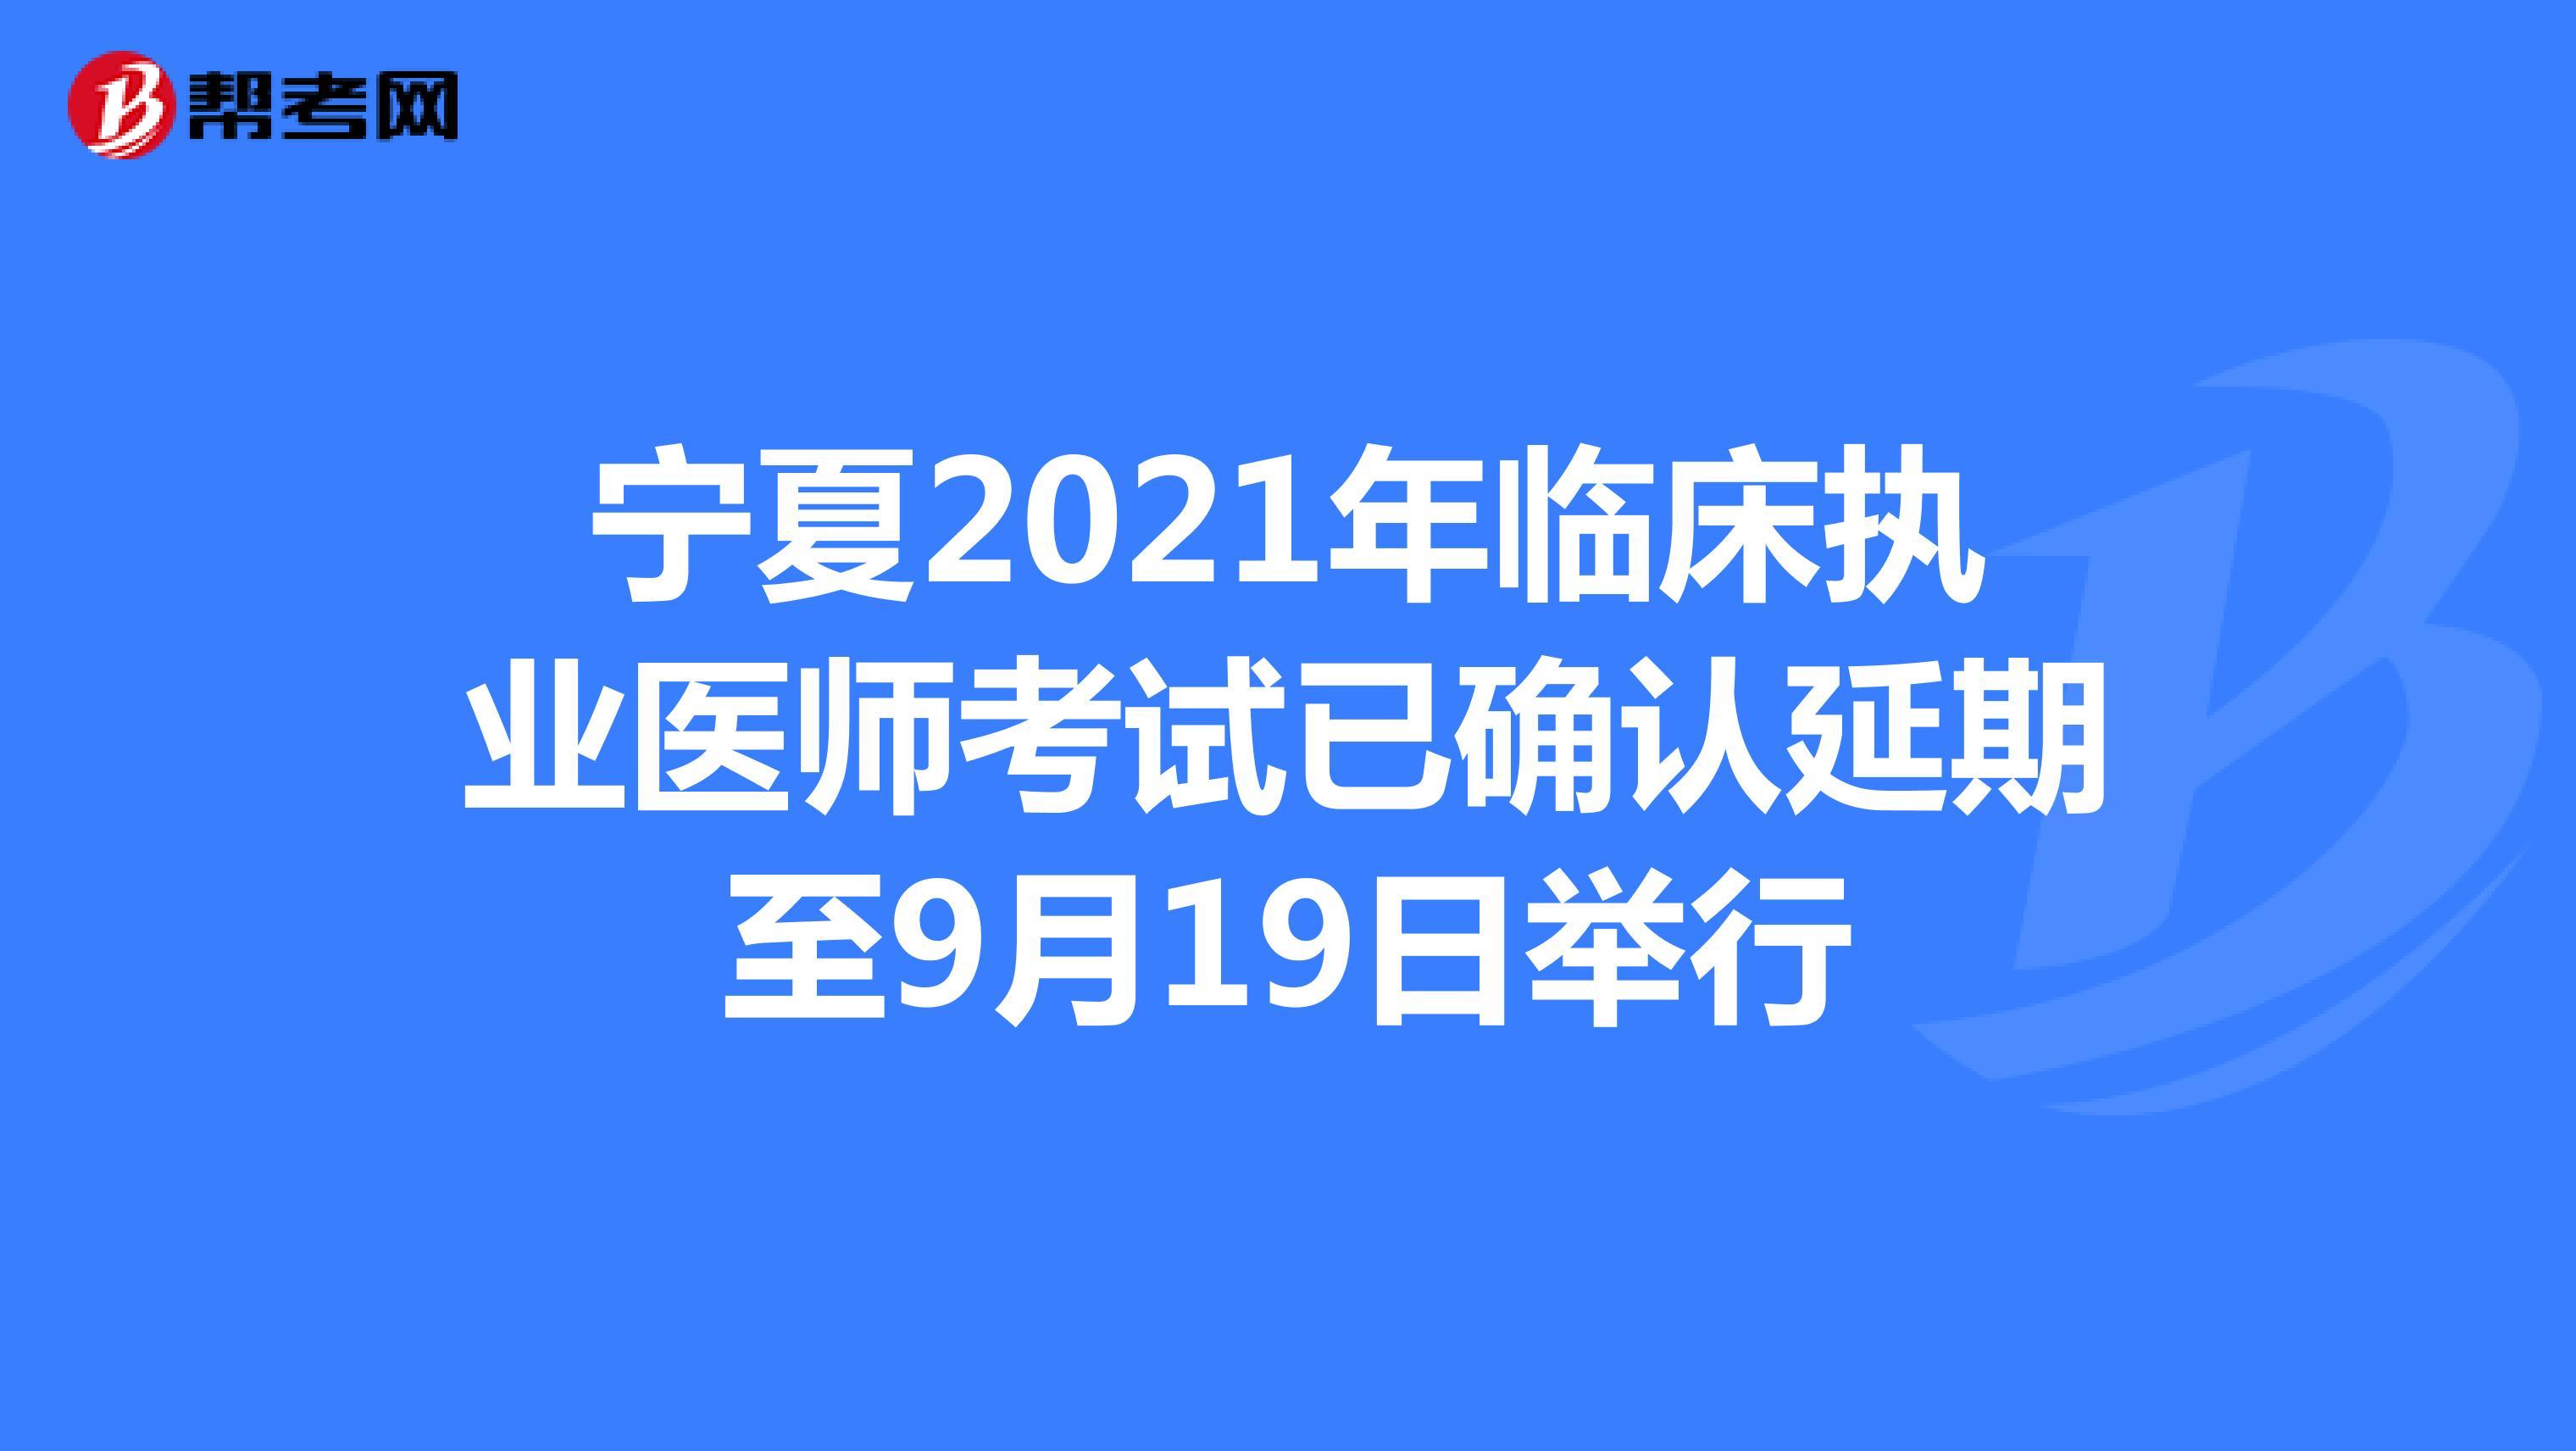 宁夏2021年临床执业医师考试已确认延期至9月19日举行